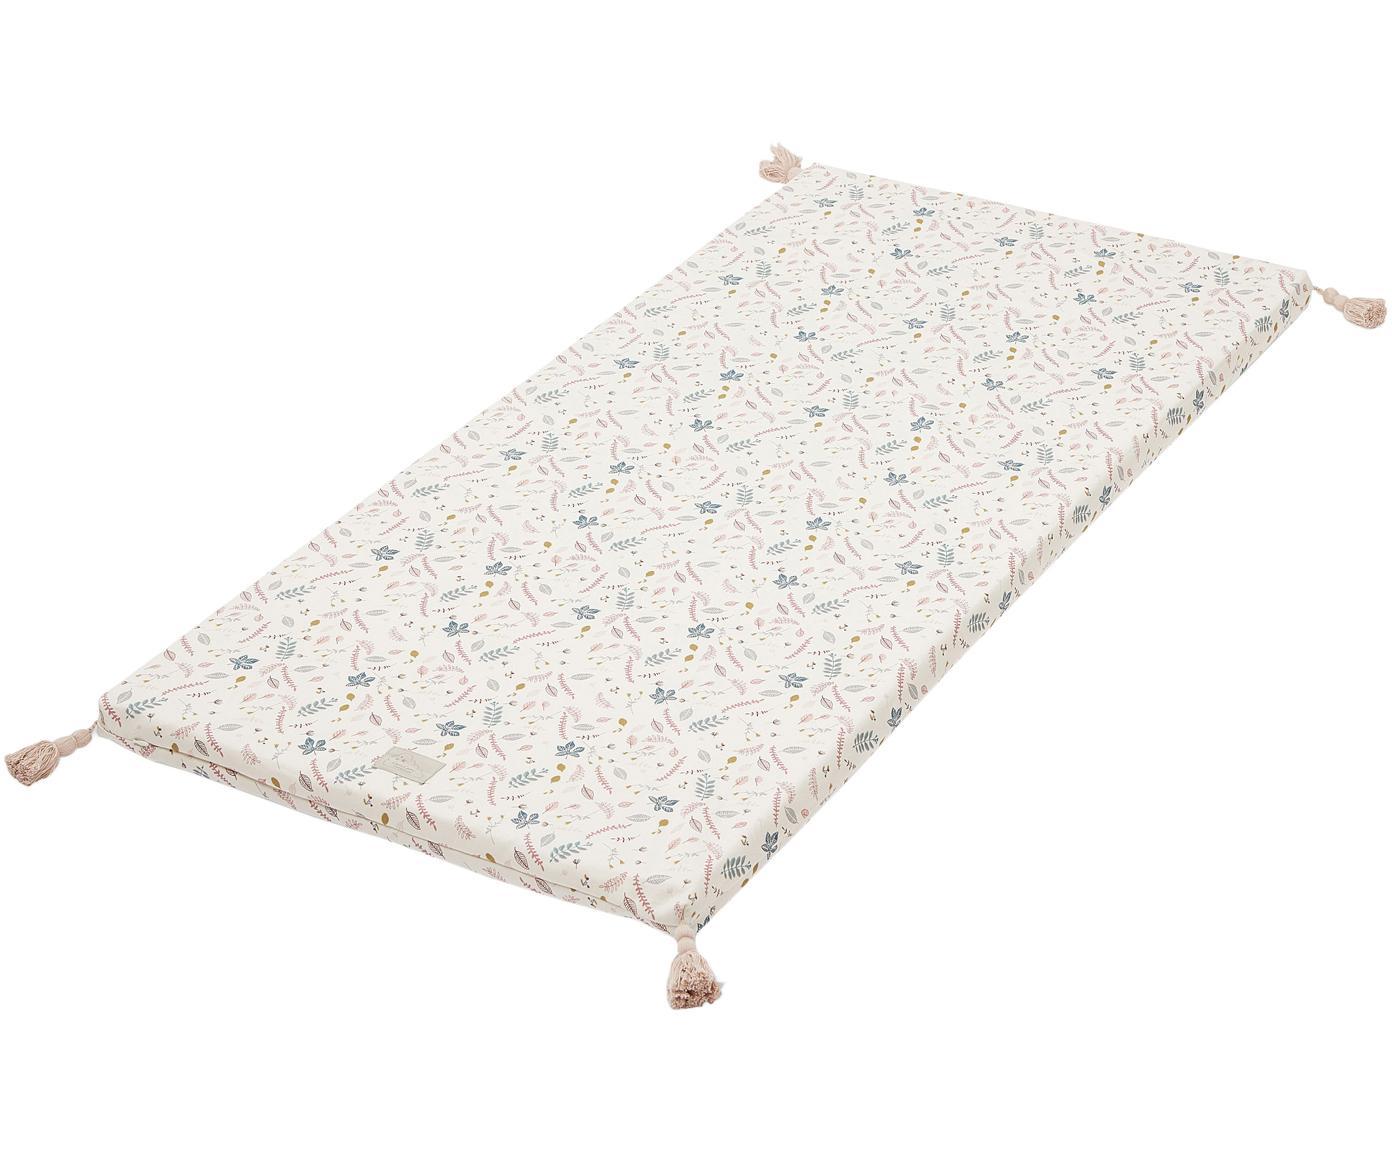 Spielmatte Pressed Leaves aus Bio-Baumwolle, Bezug: Bio-Baumwolle, OCS-zertif, Creme, Rosa, Blau, Grau, Gelb, 60 x 120 cm